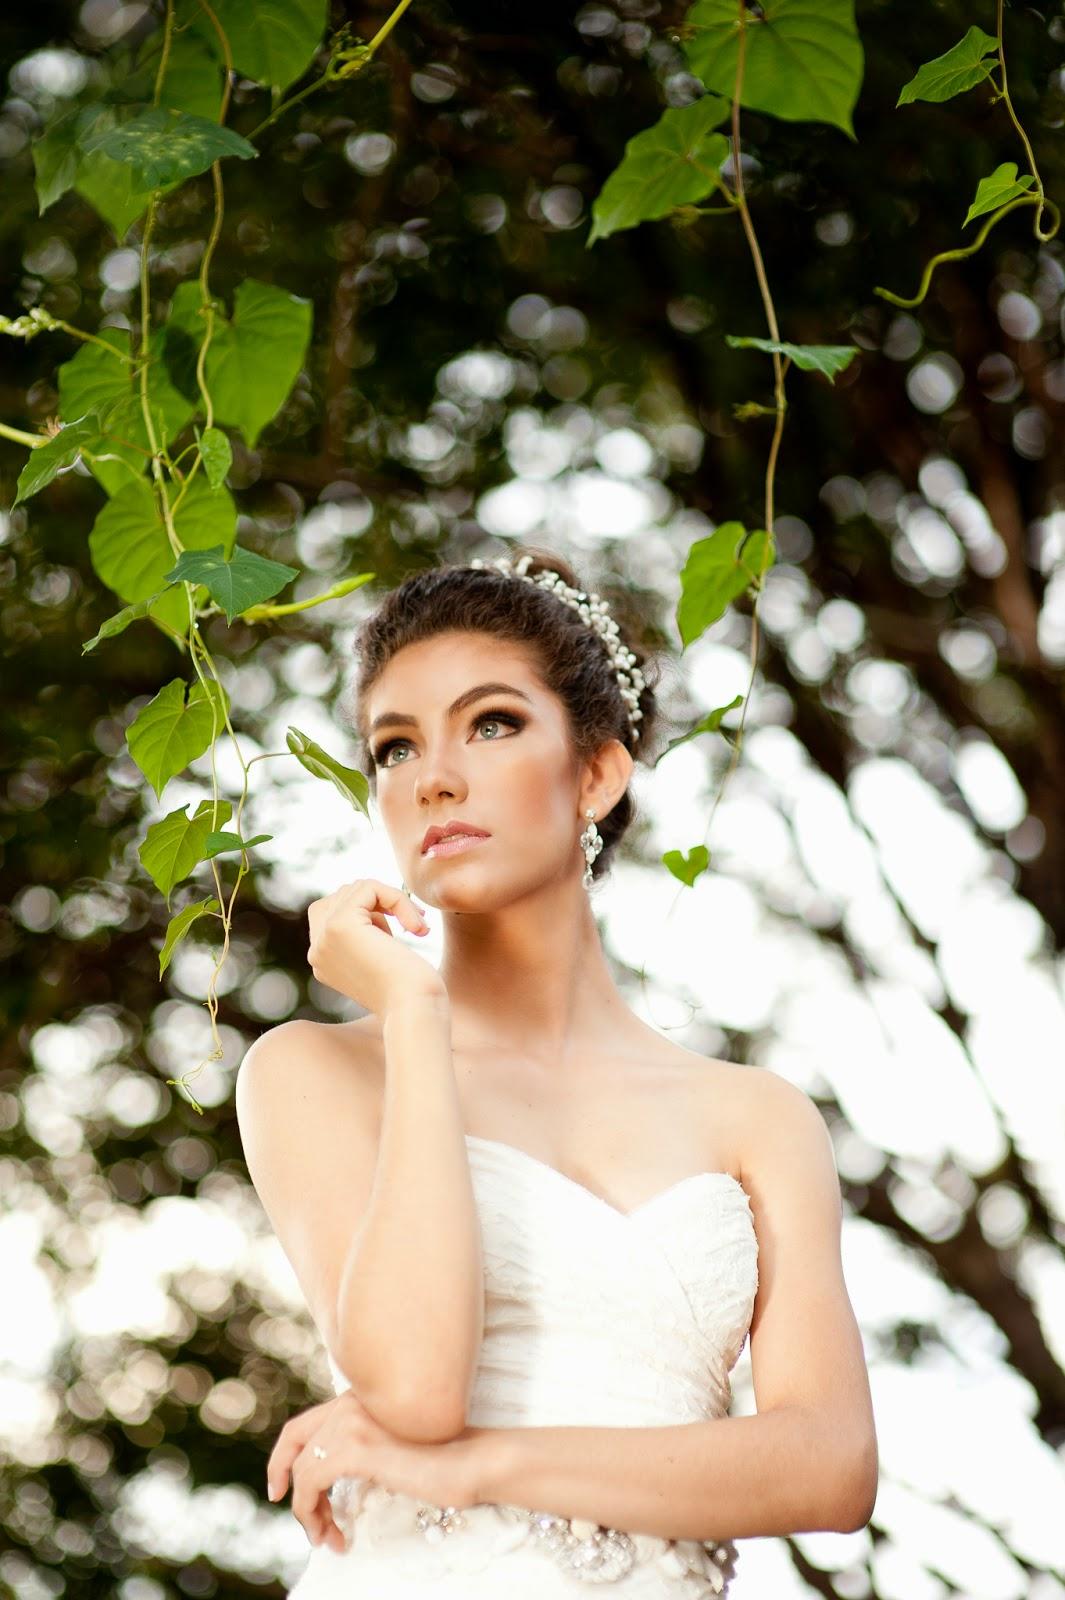 casamento vintage bh, foto casamento BH, foto noivas BH, fotografo bh, Minhas noivas queridas, noivas BH, wedding bh, pre wedding,